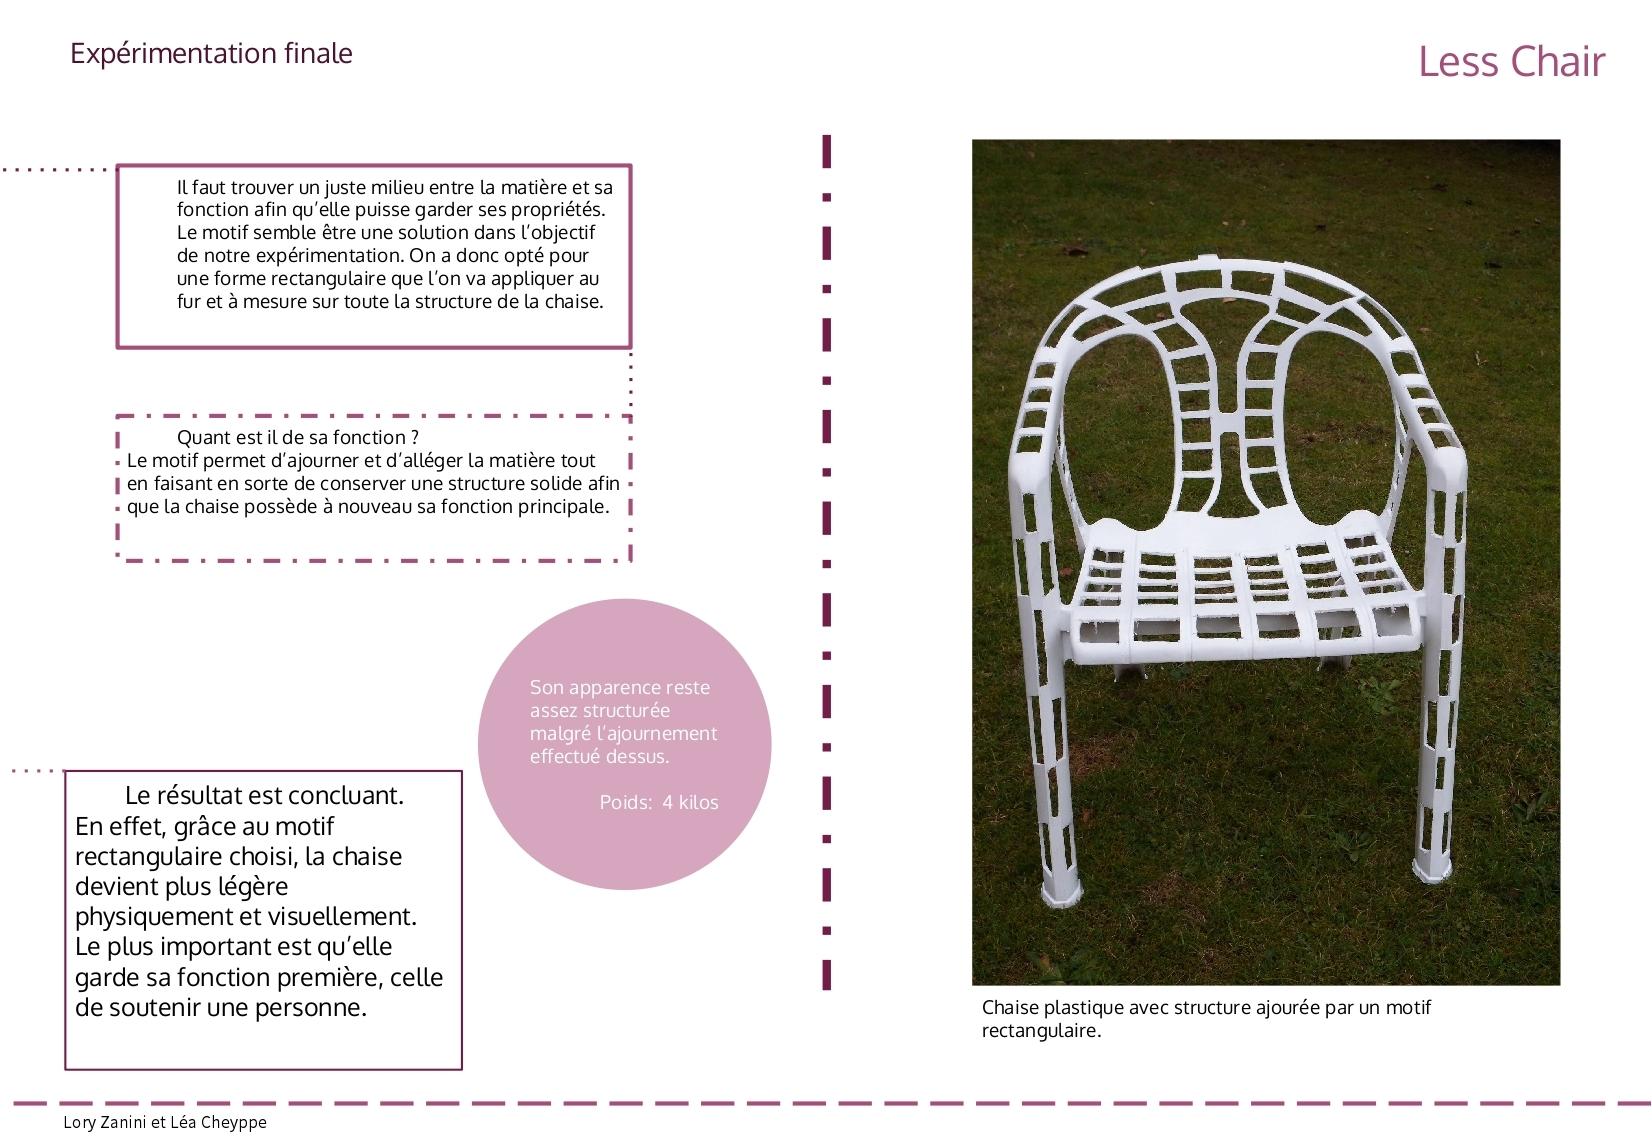 projet design lory Zanini et Léa Cheyppe3